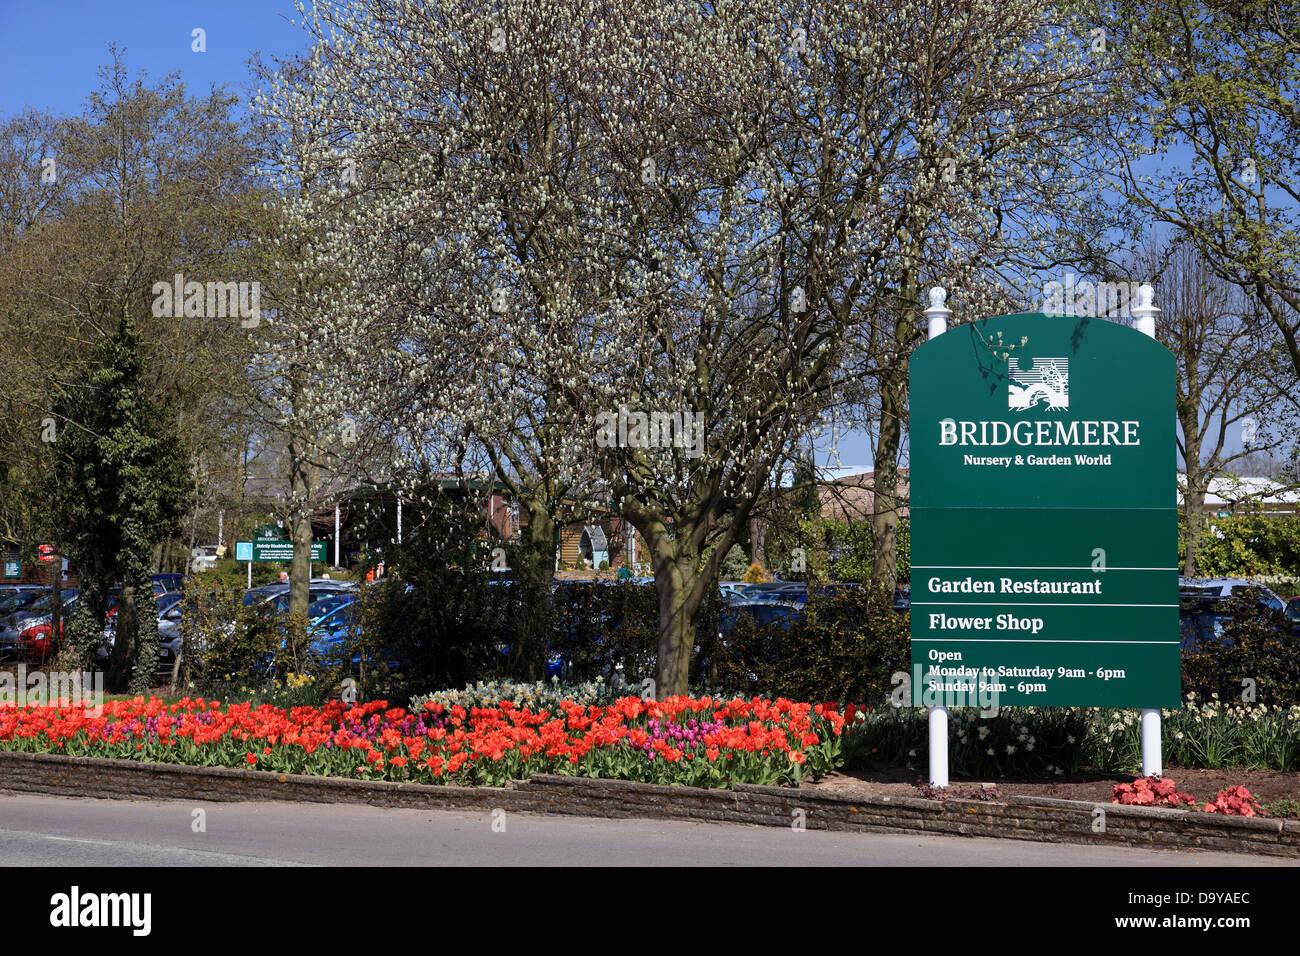 Entrada al jardín y guardería Bridgemere mundo que es el mayor centro de jardinería en Gran Bretaña Imagen De Stock